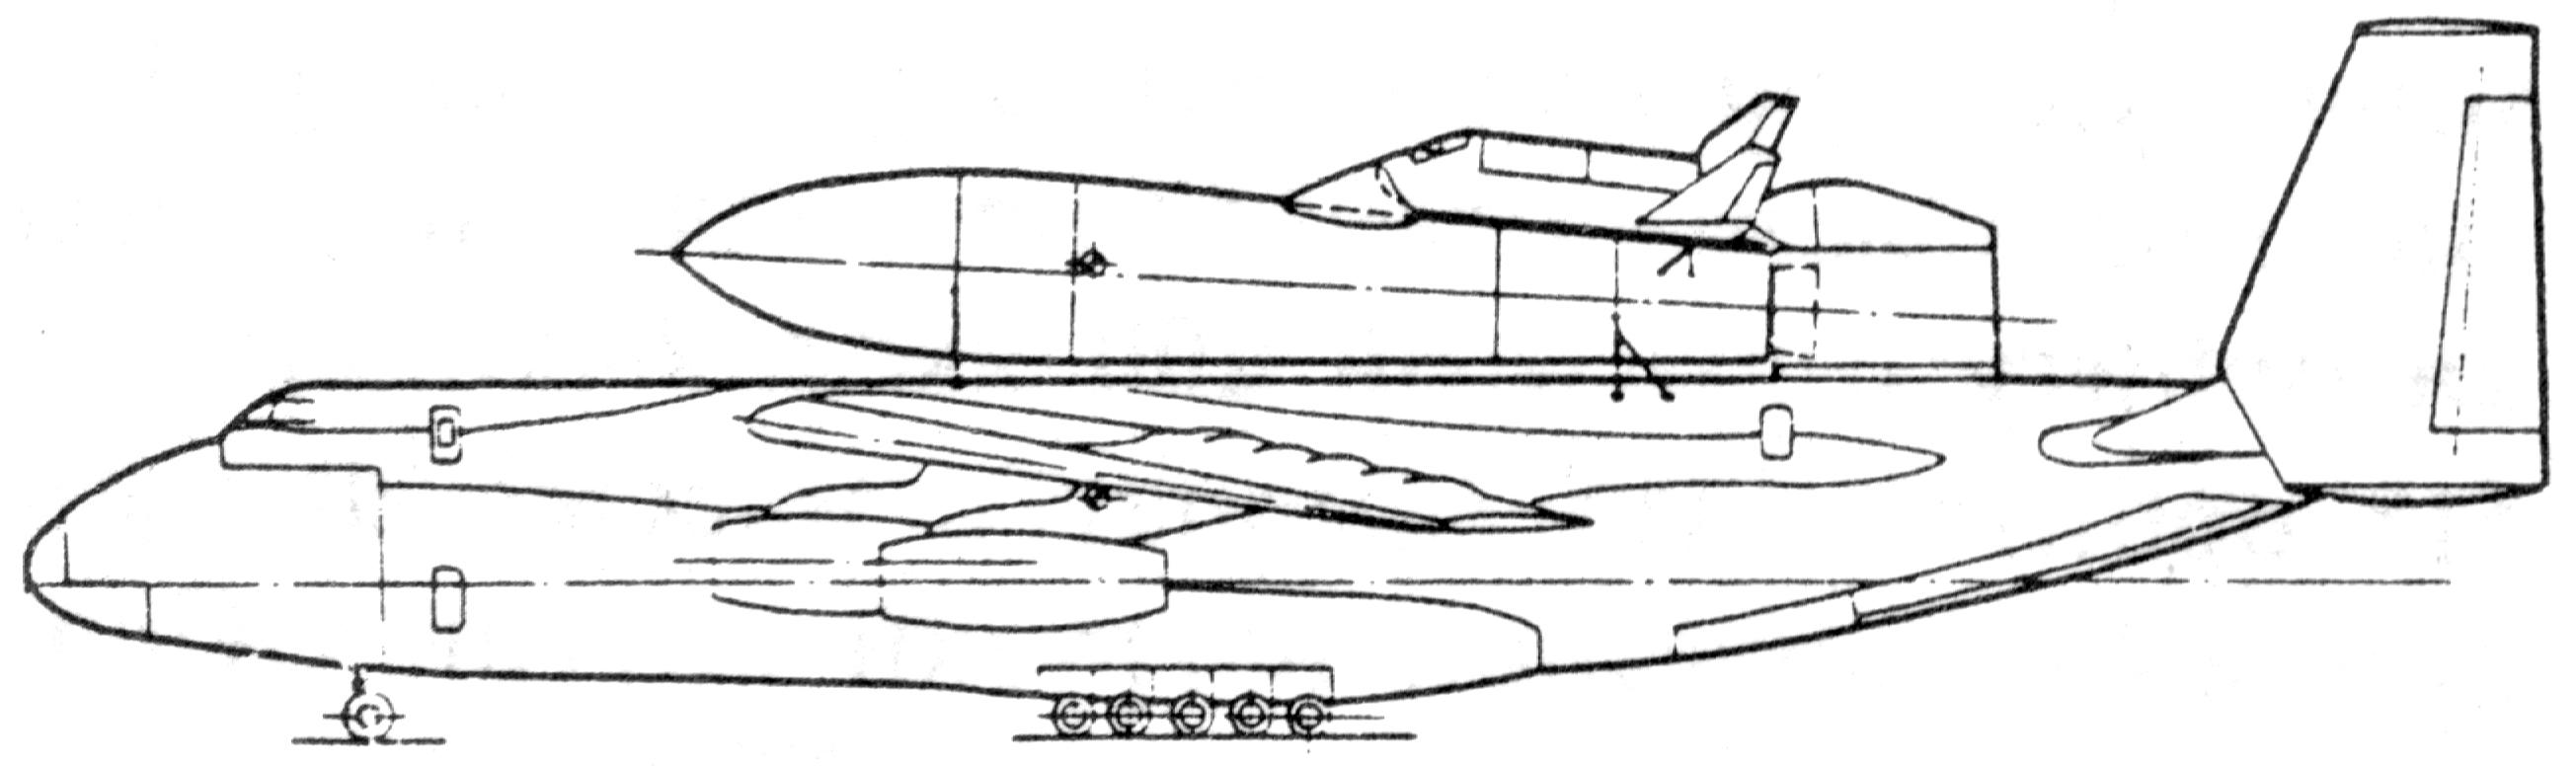 Авиационно-космическая система «49» с самолетом-носителем Ан-124КТ «Руслан»/Рисунок Вадима Лукашевича